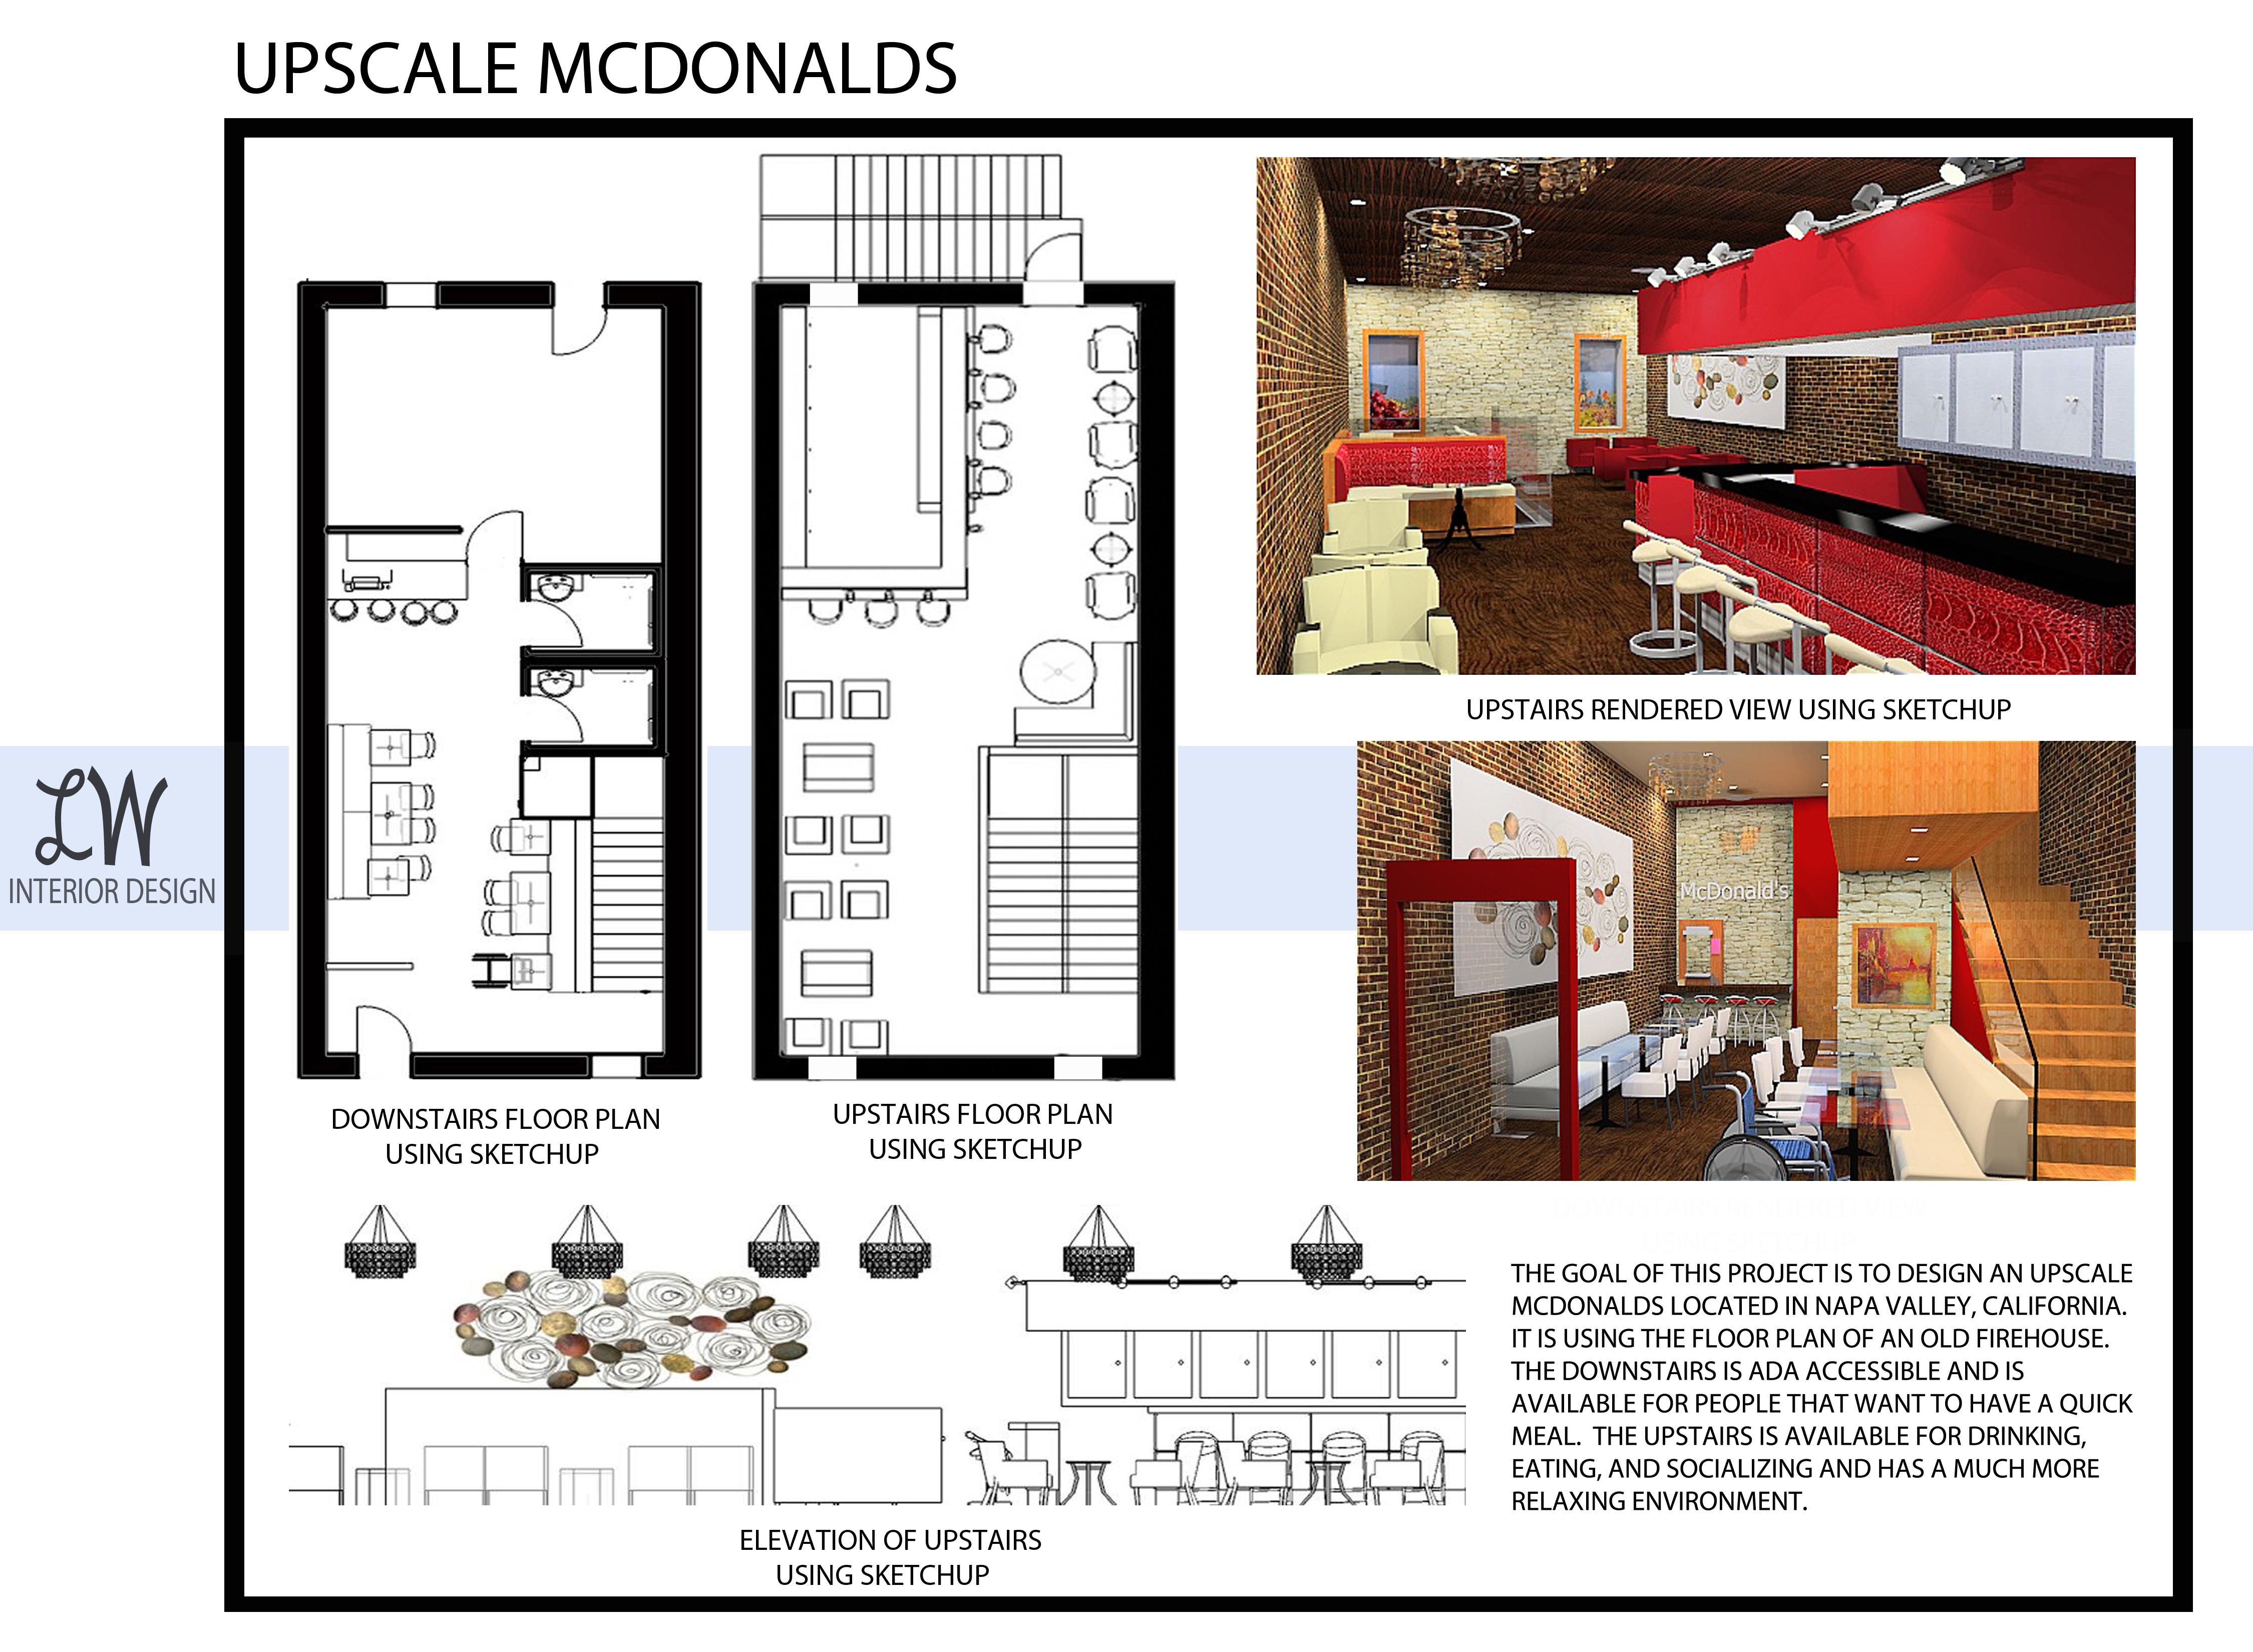 High Quality Interior Design Portfolio Images